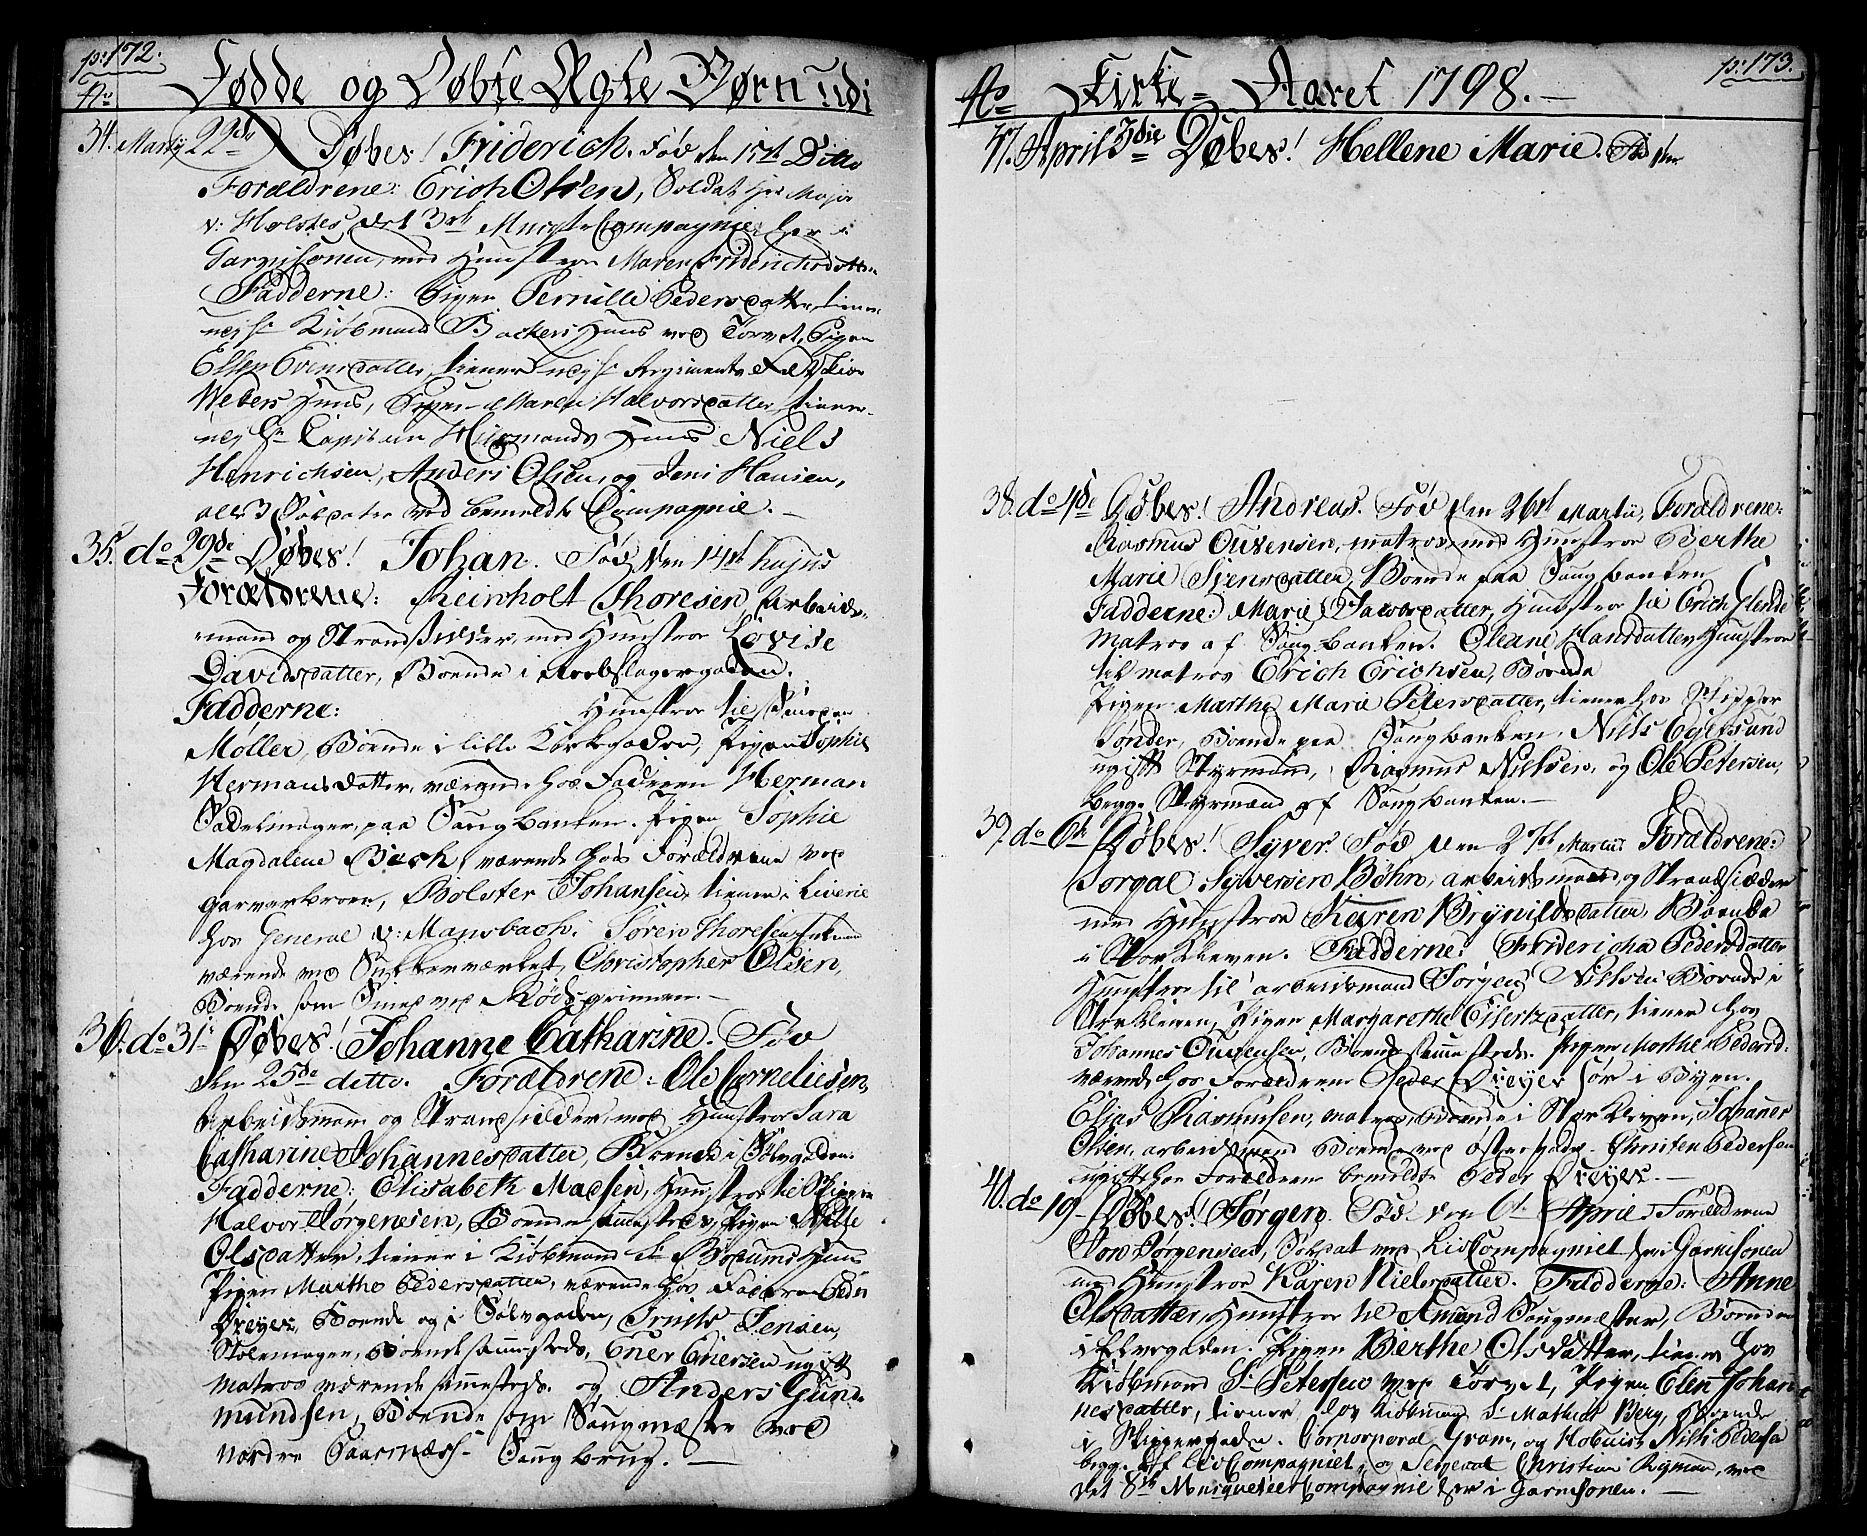 SAO, Halden prestekontor Kirkebøker, F/Fa/L0002: Ministerialbok nr. I 2, 1792-1812, s. 172-173